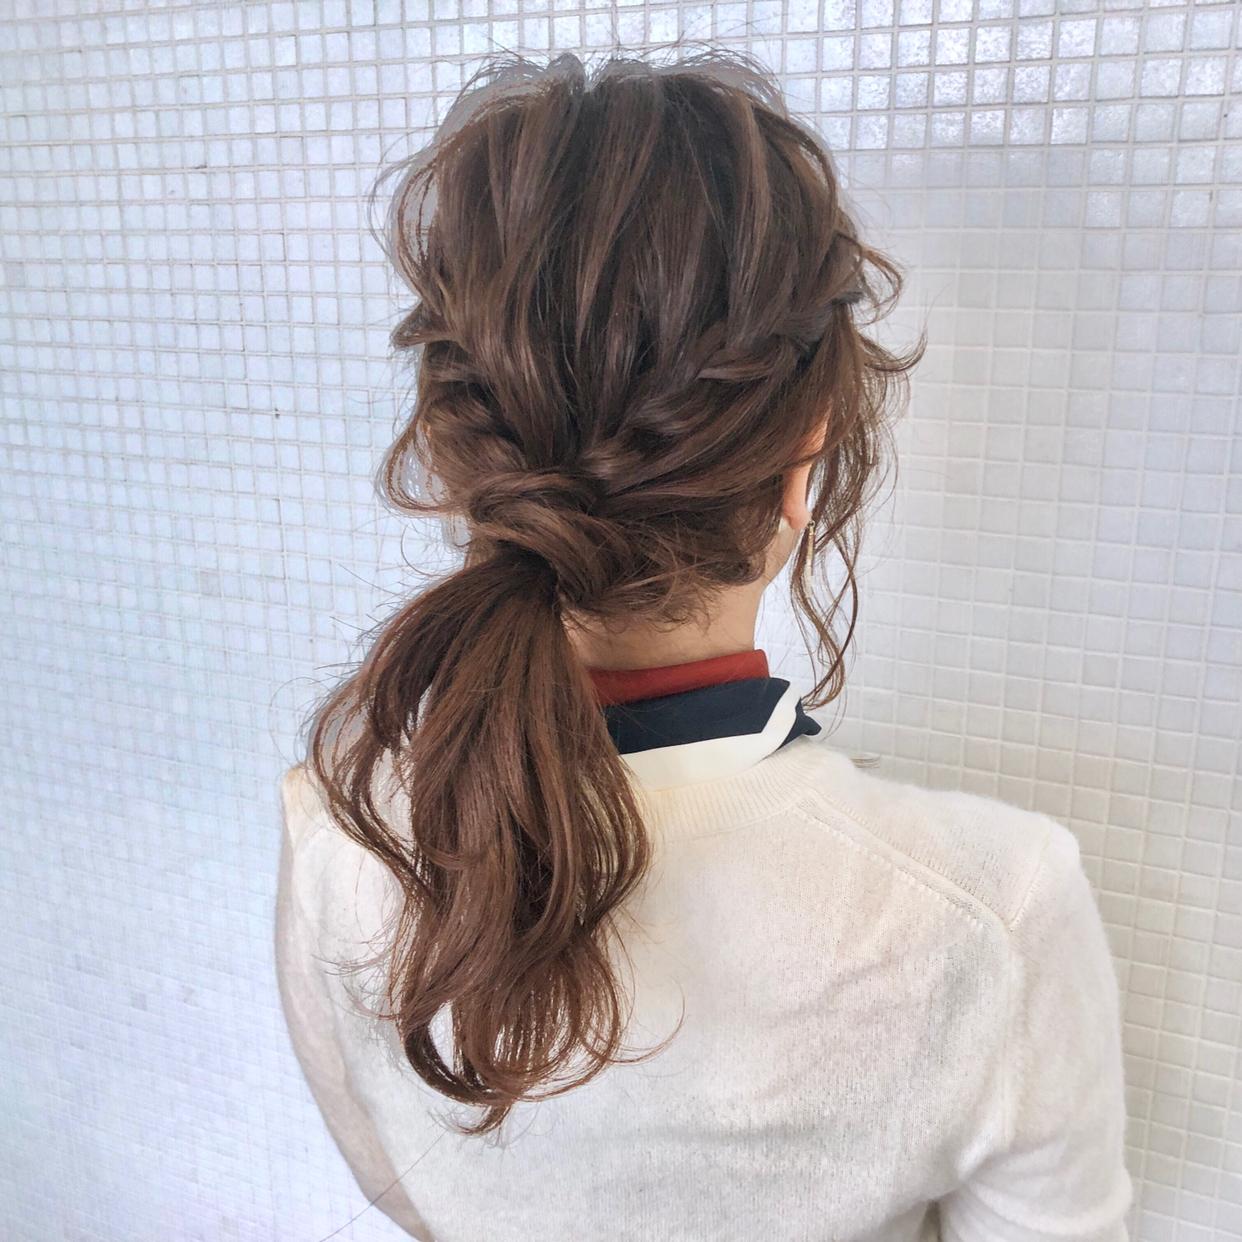 kawamura_takashi_cam ヘアゴム1本で作るウォータフォールポニー ヘアアレンジ&ヘアセット 河村タカシ #hairarrangecam #hairarrange #hairset #hair #ヘアアレンジ #へアセット #ヘア #関西 #大阪 #心斎橋 #hairdresser #美容師 #サロンモデル募集 #サロモ #おくれ毛 #簡単ヘアアレンジ #ウォーターフォール #ポニーテール